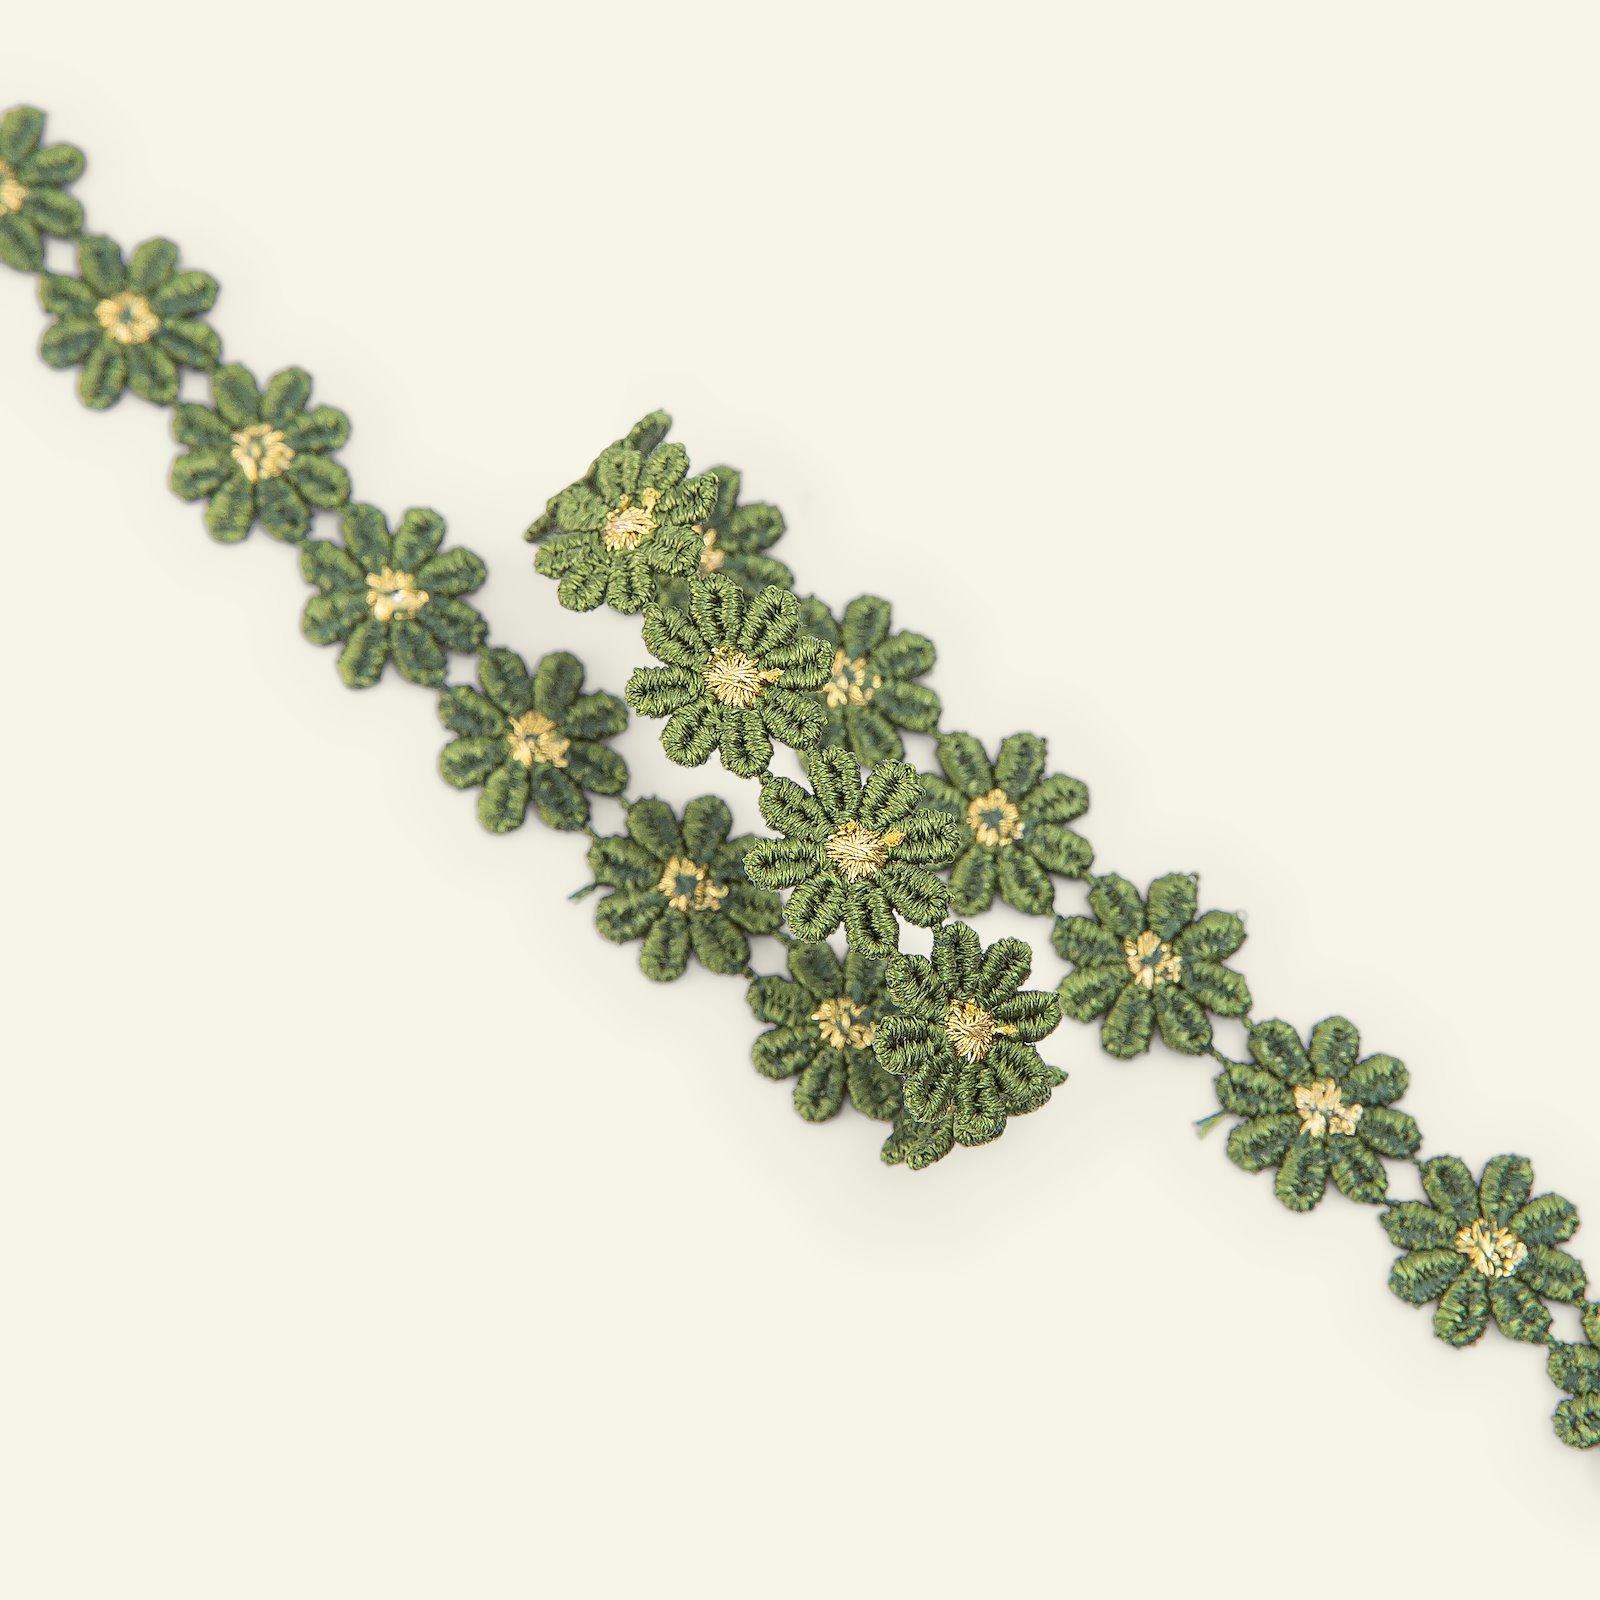 Blumenband 13mm Lime/Gold Lurex, 1m 22208_pack